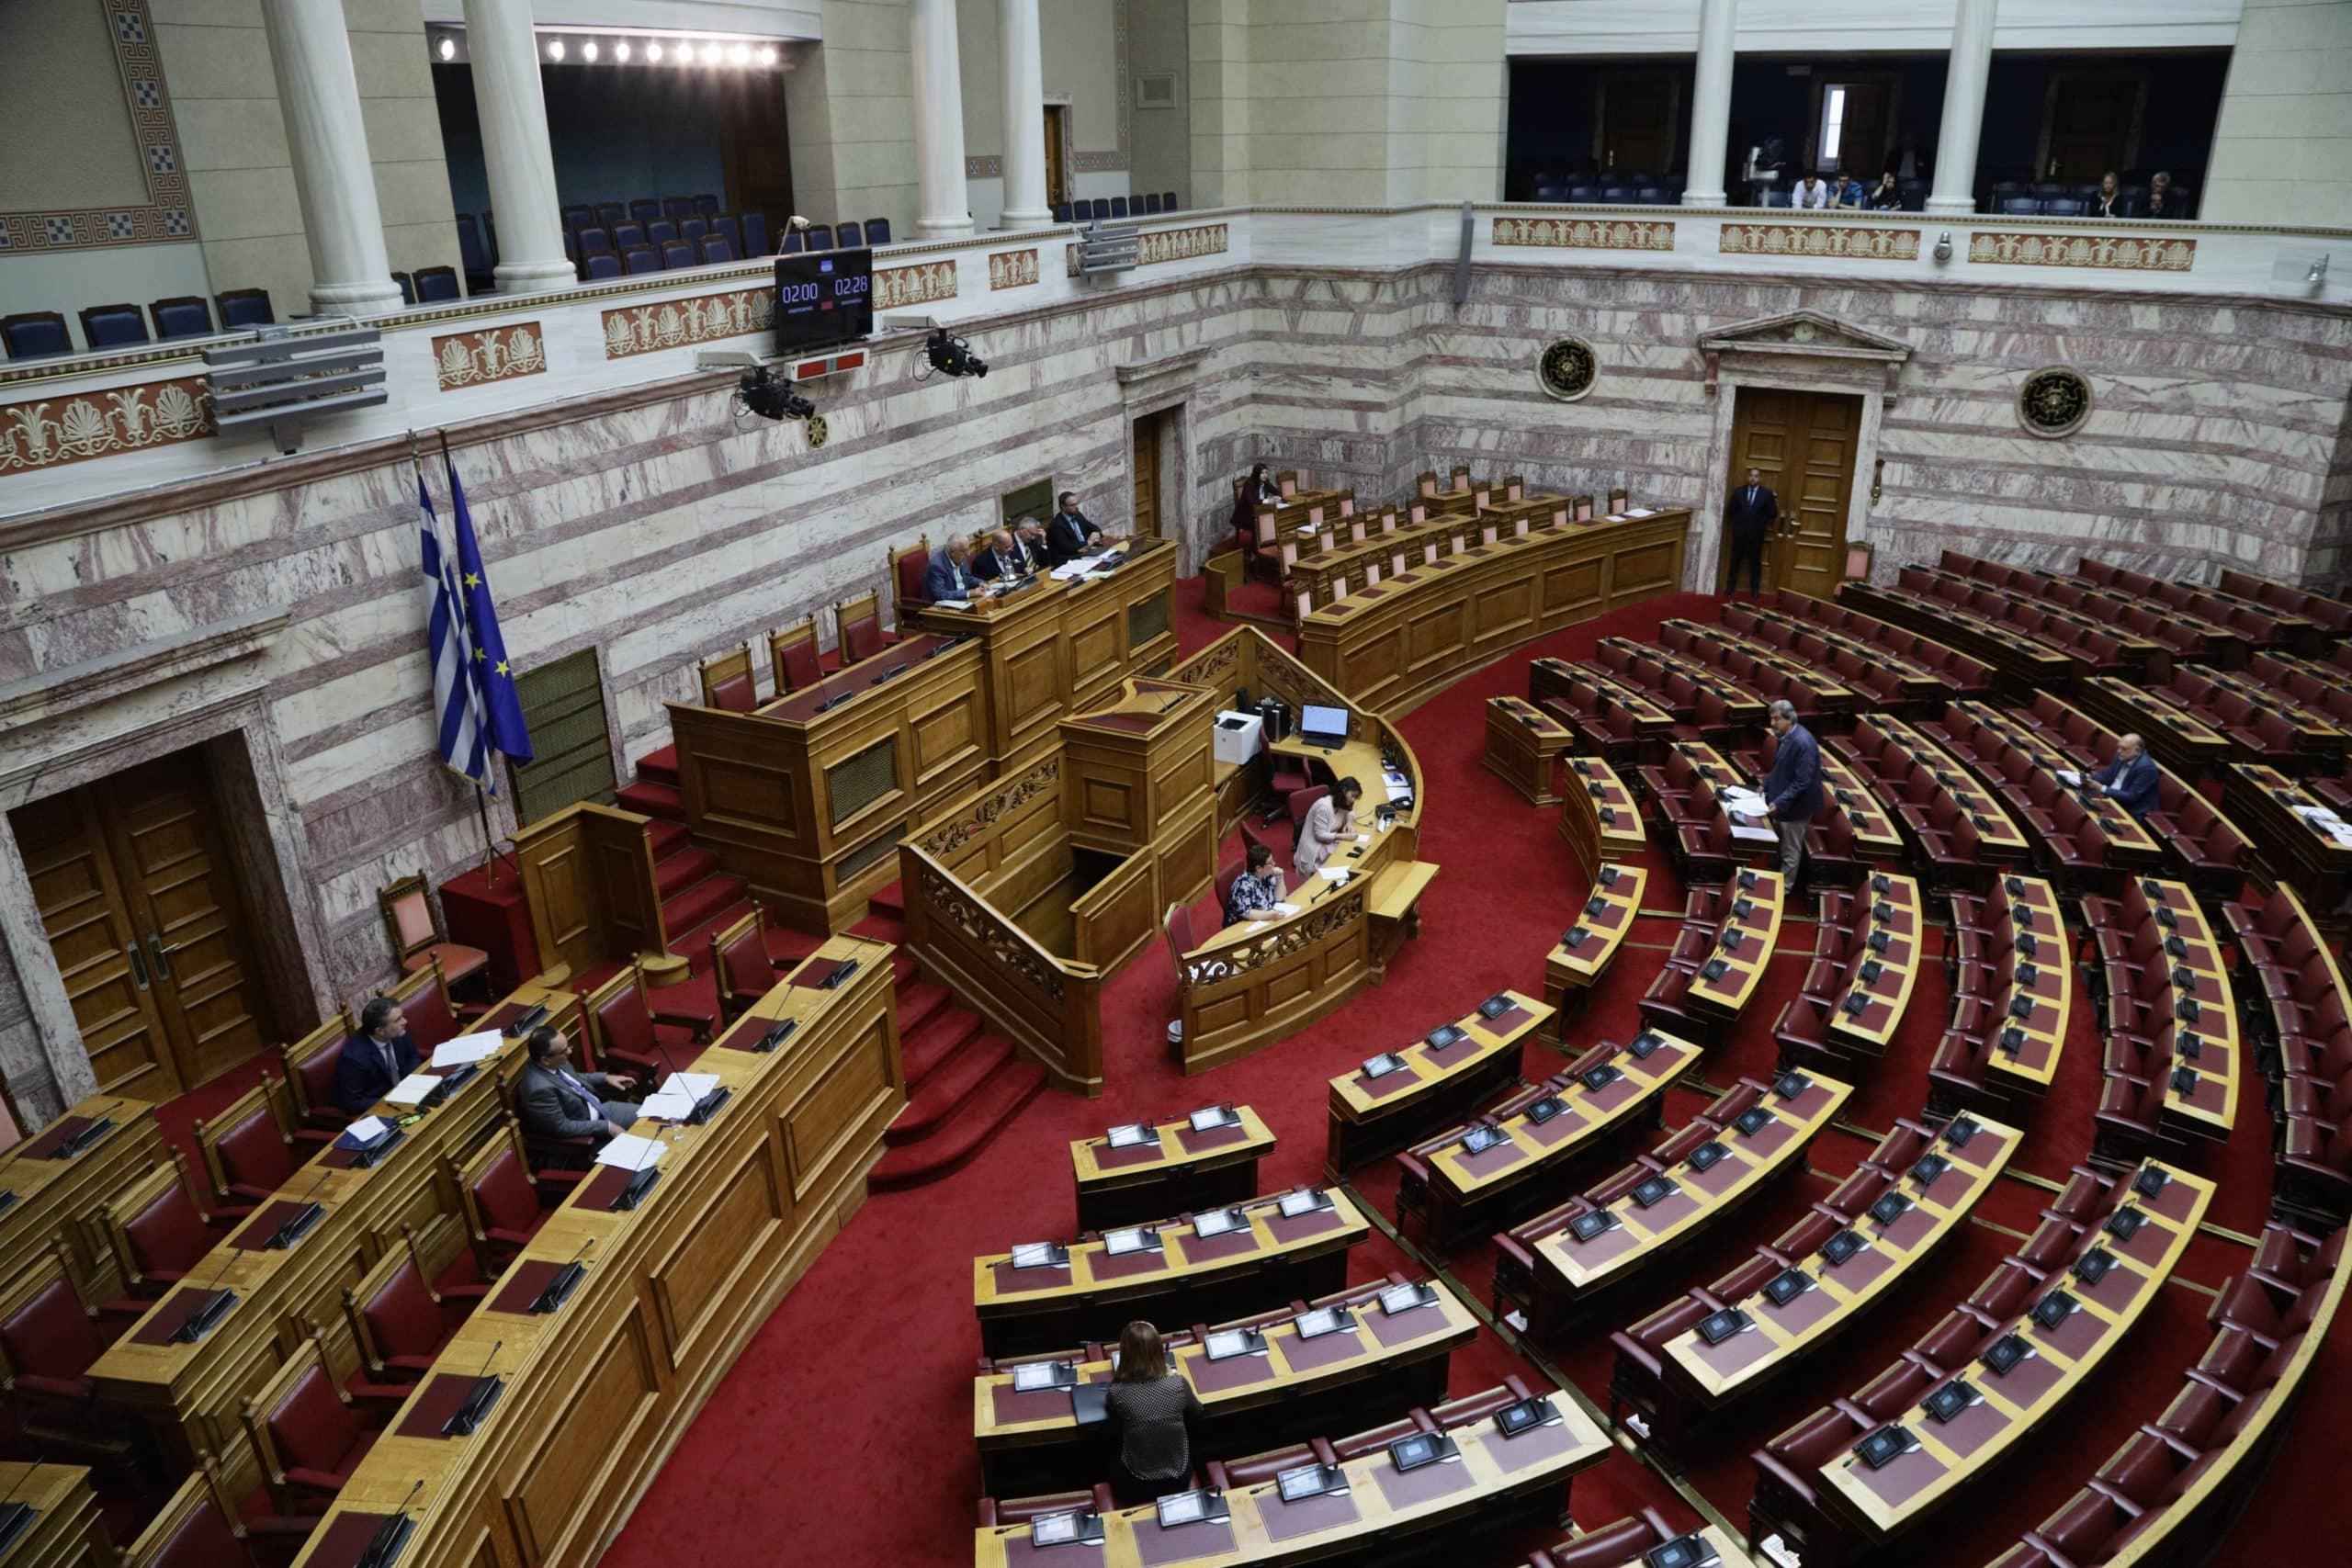 Αναδρομικά συνταξιούχων: Τι προβλέπει το νομοσχέδιο στη Βουλή Έβρος: ΥΕΘΑ - ΥΠΕΞ Μετά το φιάσκο ενημερώνουν τη Βουλή - Όσα συνέβησαν και οι εξελίξεις στην επιτροπή Εθνικής Άμυνας και Εξωτερικών Υποθέσεων ΑΣΕΠ 1Κ/2019: Αποτελέσματα για προσλήψεις στη Βουλή Αμυντική συνεργασία Ελλάδας - ΗΠΑ σήμερα στη Βουλή